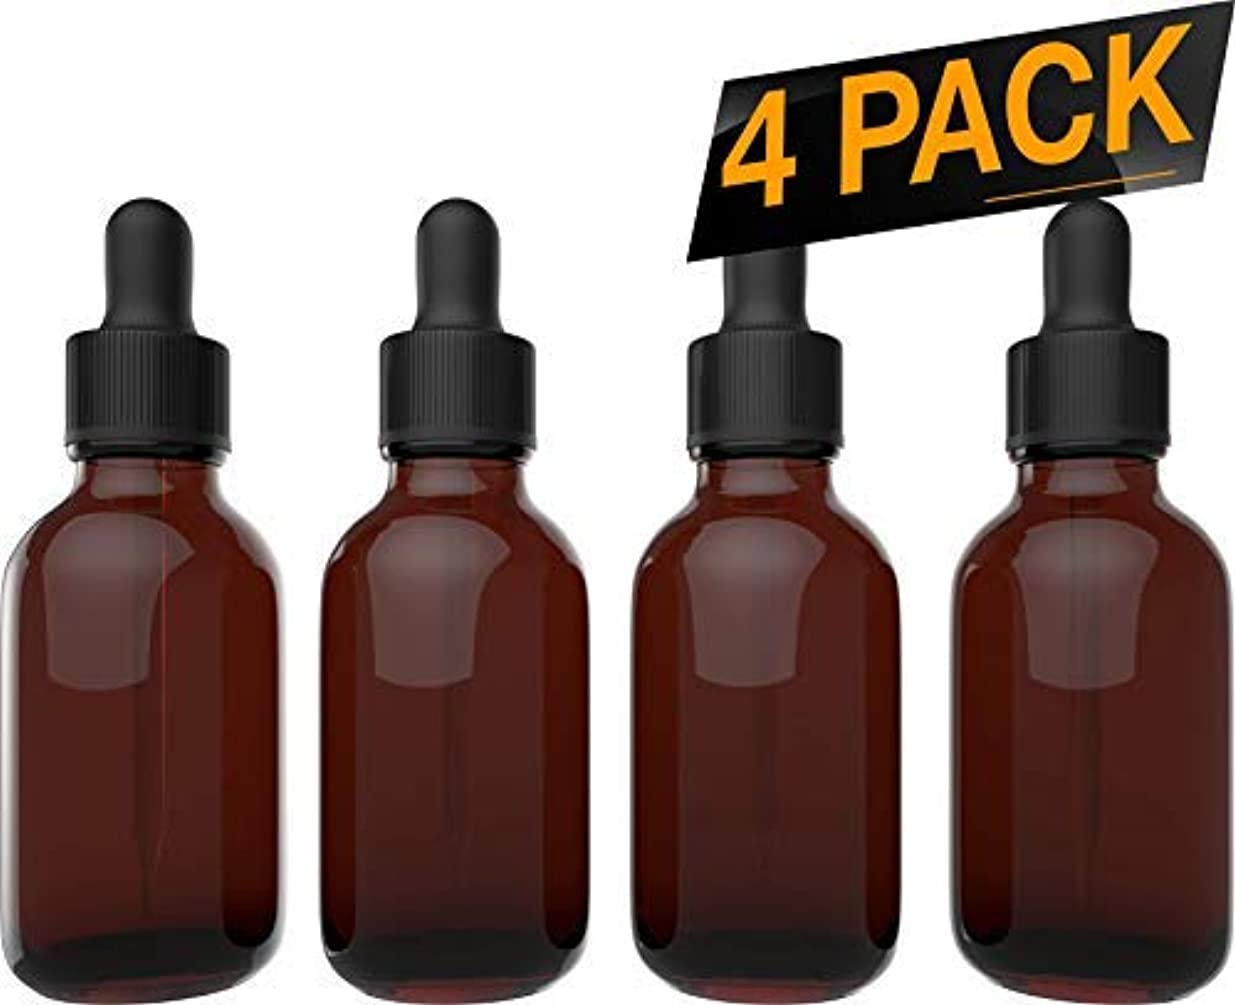 ピッチ中国支払うEssential Oil Bottles - Round Boston Empty Refillable Amber Bottle with Glass Dropper for Liquid Aromatherapy...